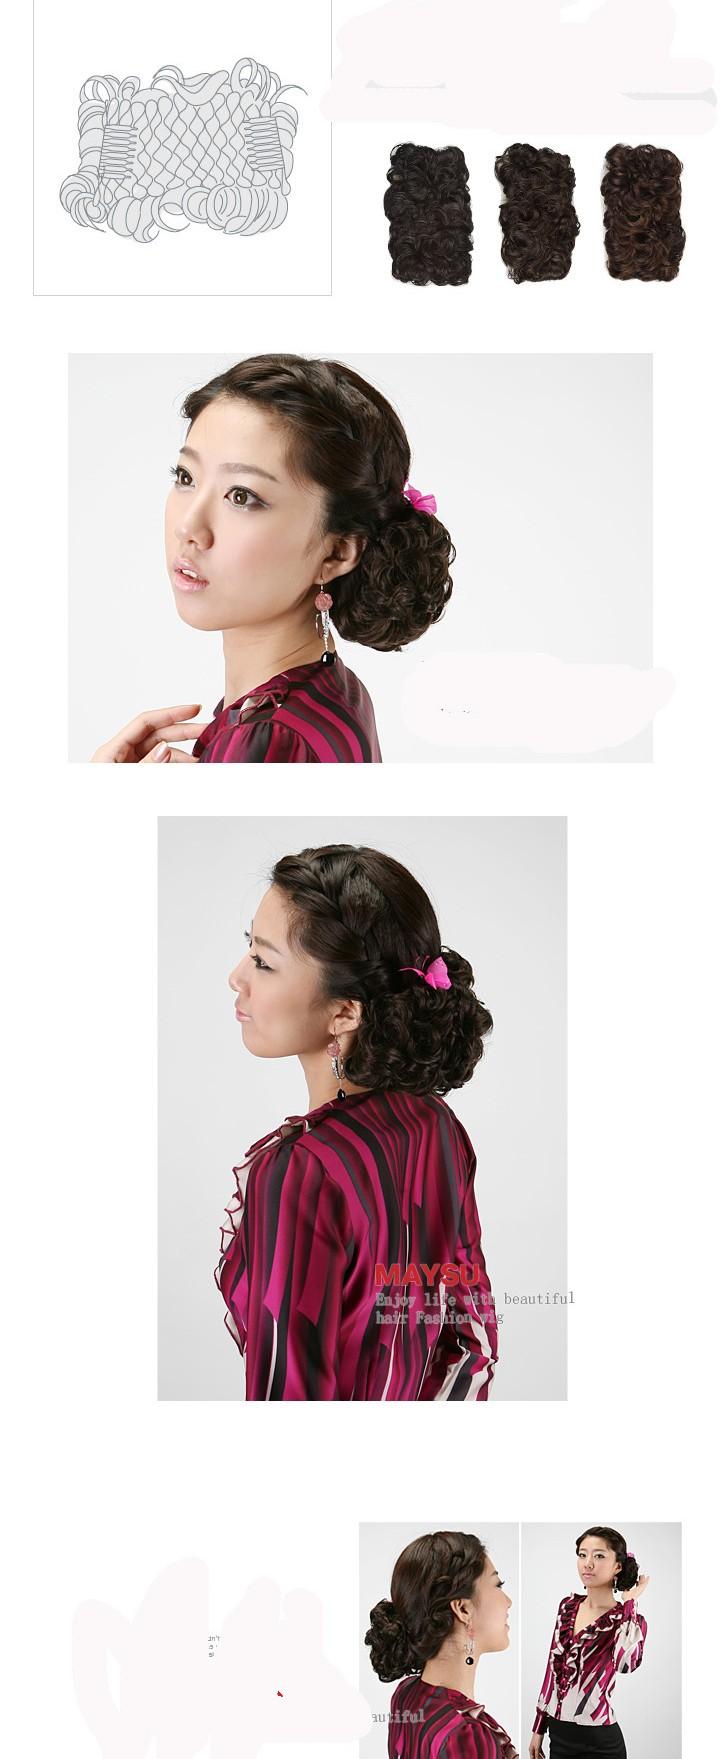 hair piece ทนความร้อนนำเข้าจากญี่ปุ่น (สีน้ำตาล)